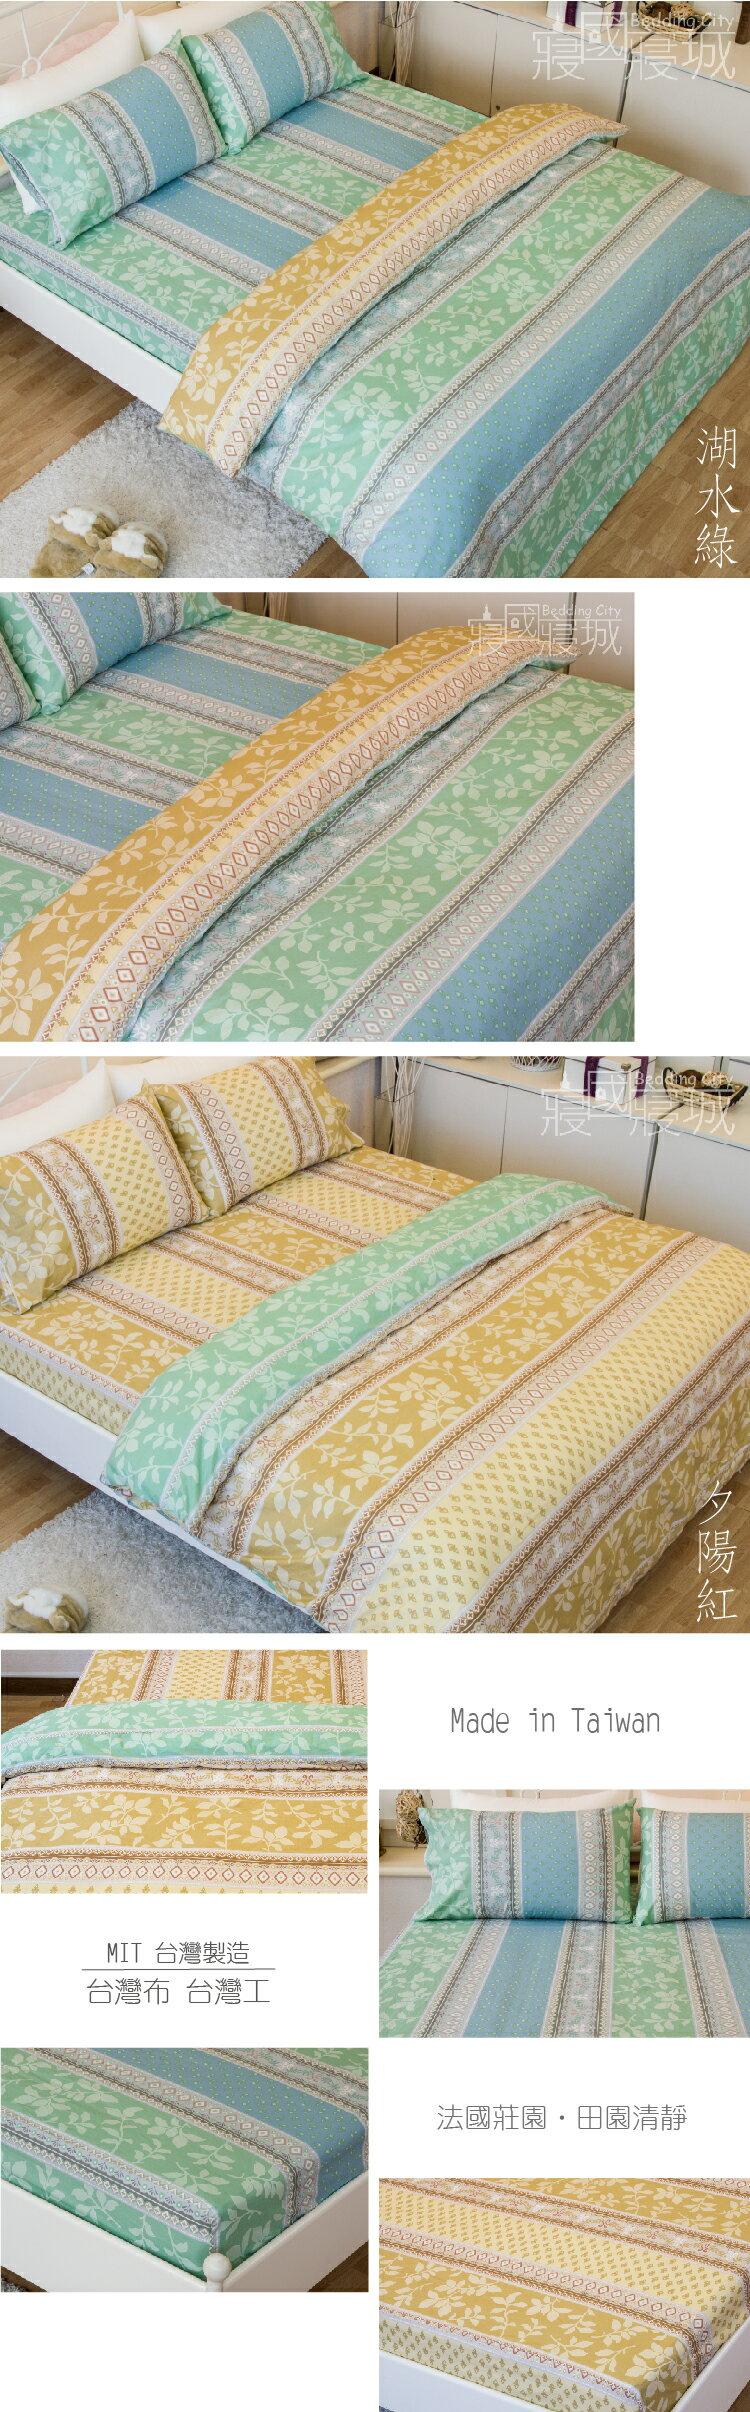 100%精梳棉-加大雙人床包被套四件組 法國莊園【大鐘印染、台灣製造】#精梳純綿 2